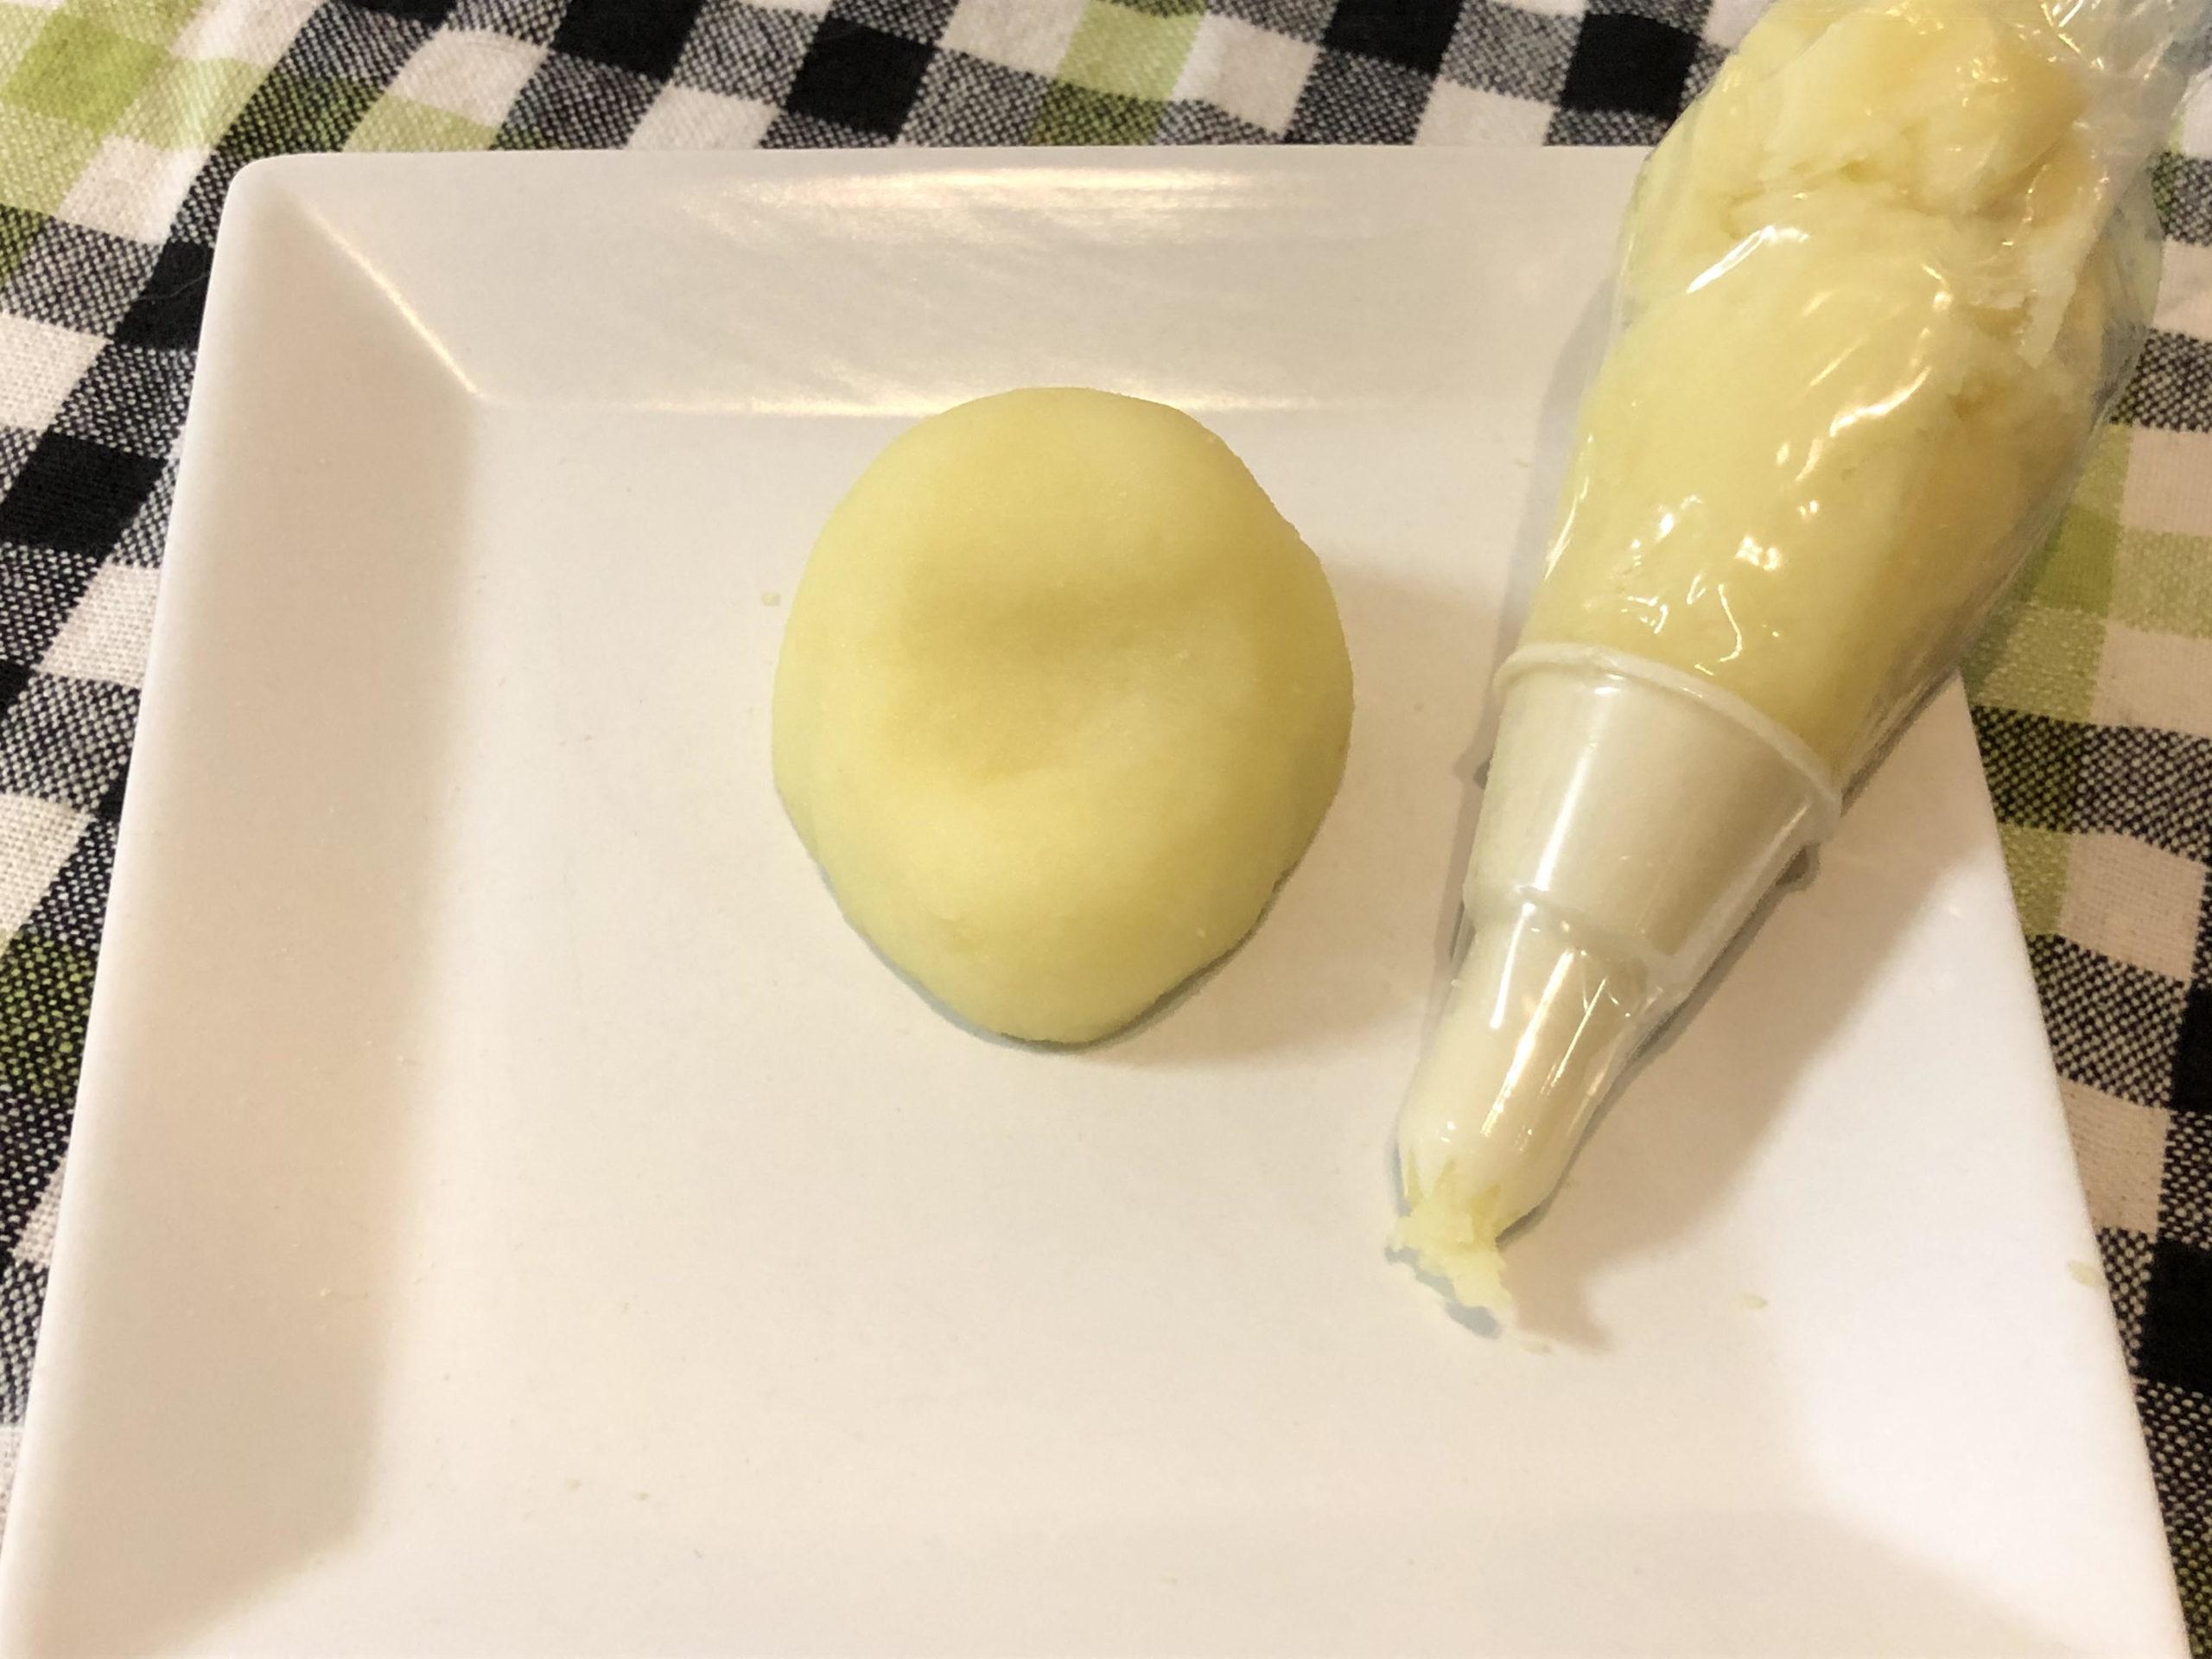 犬用似顔絵ケーキのレシピ、作り方、ジャガイモ、サツマイモ、